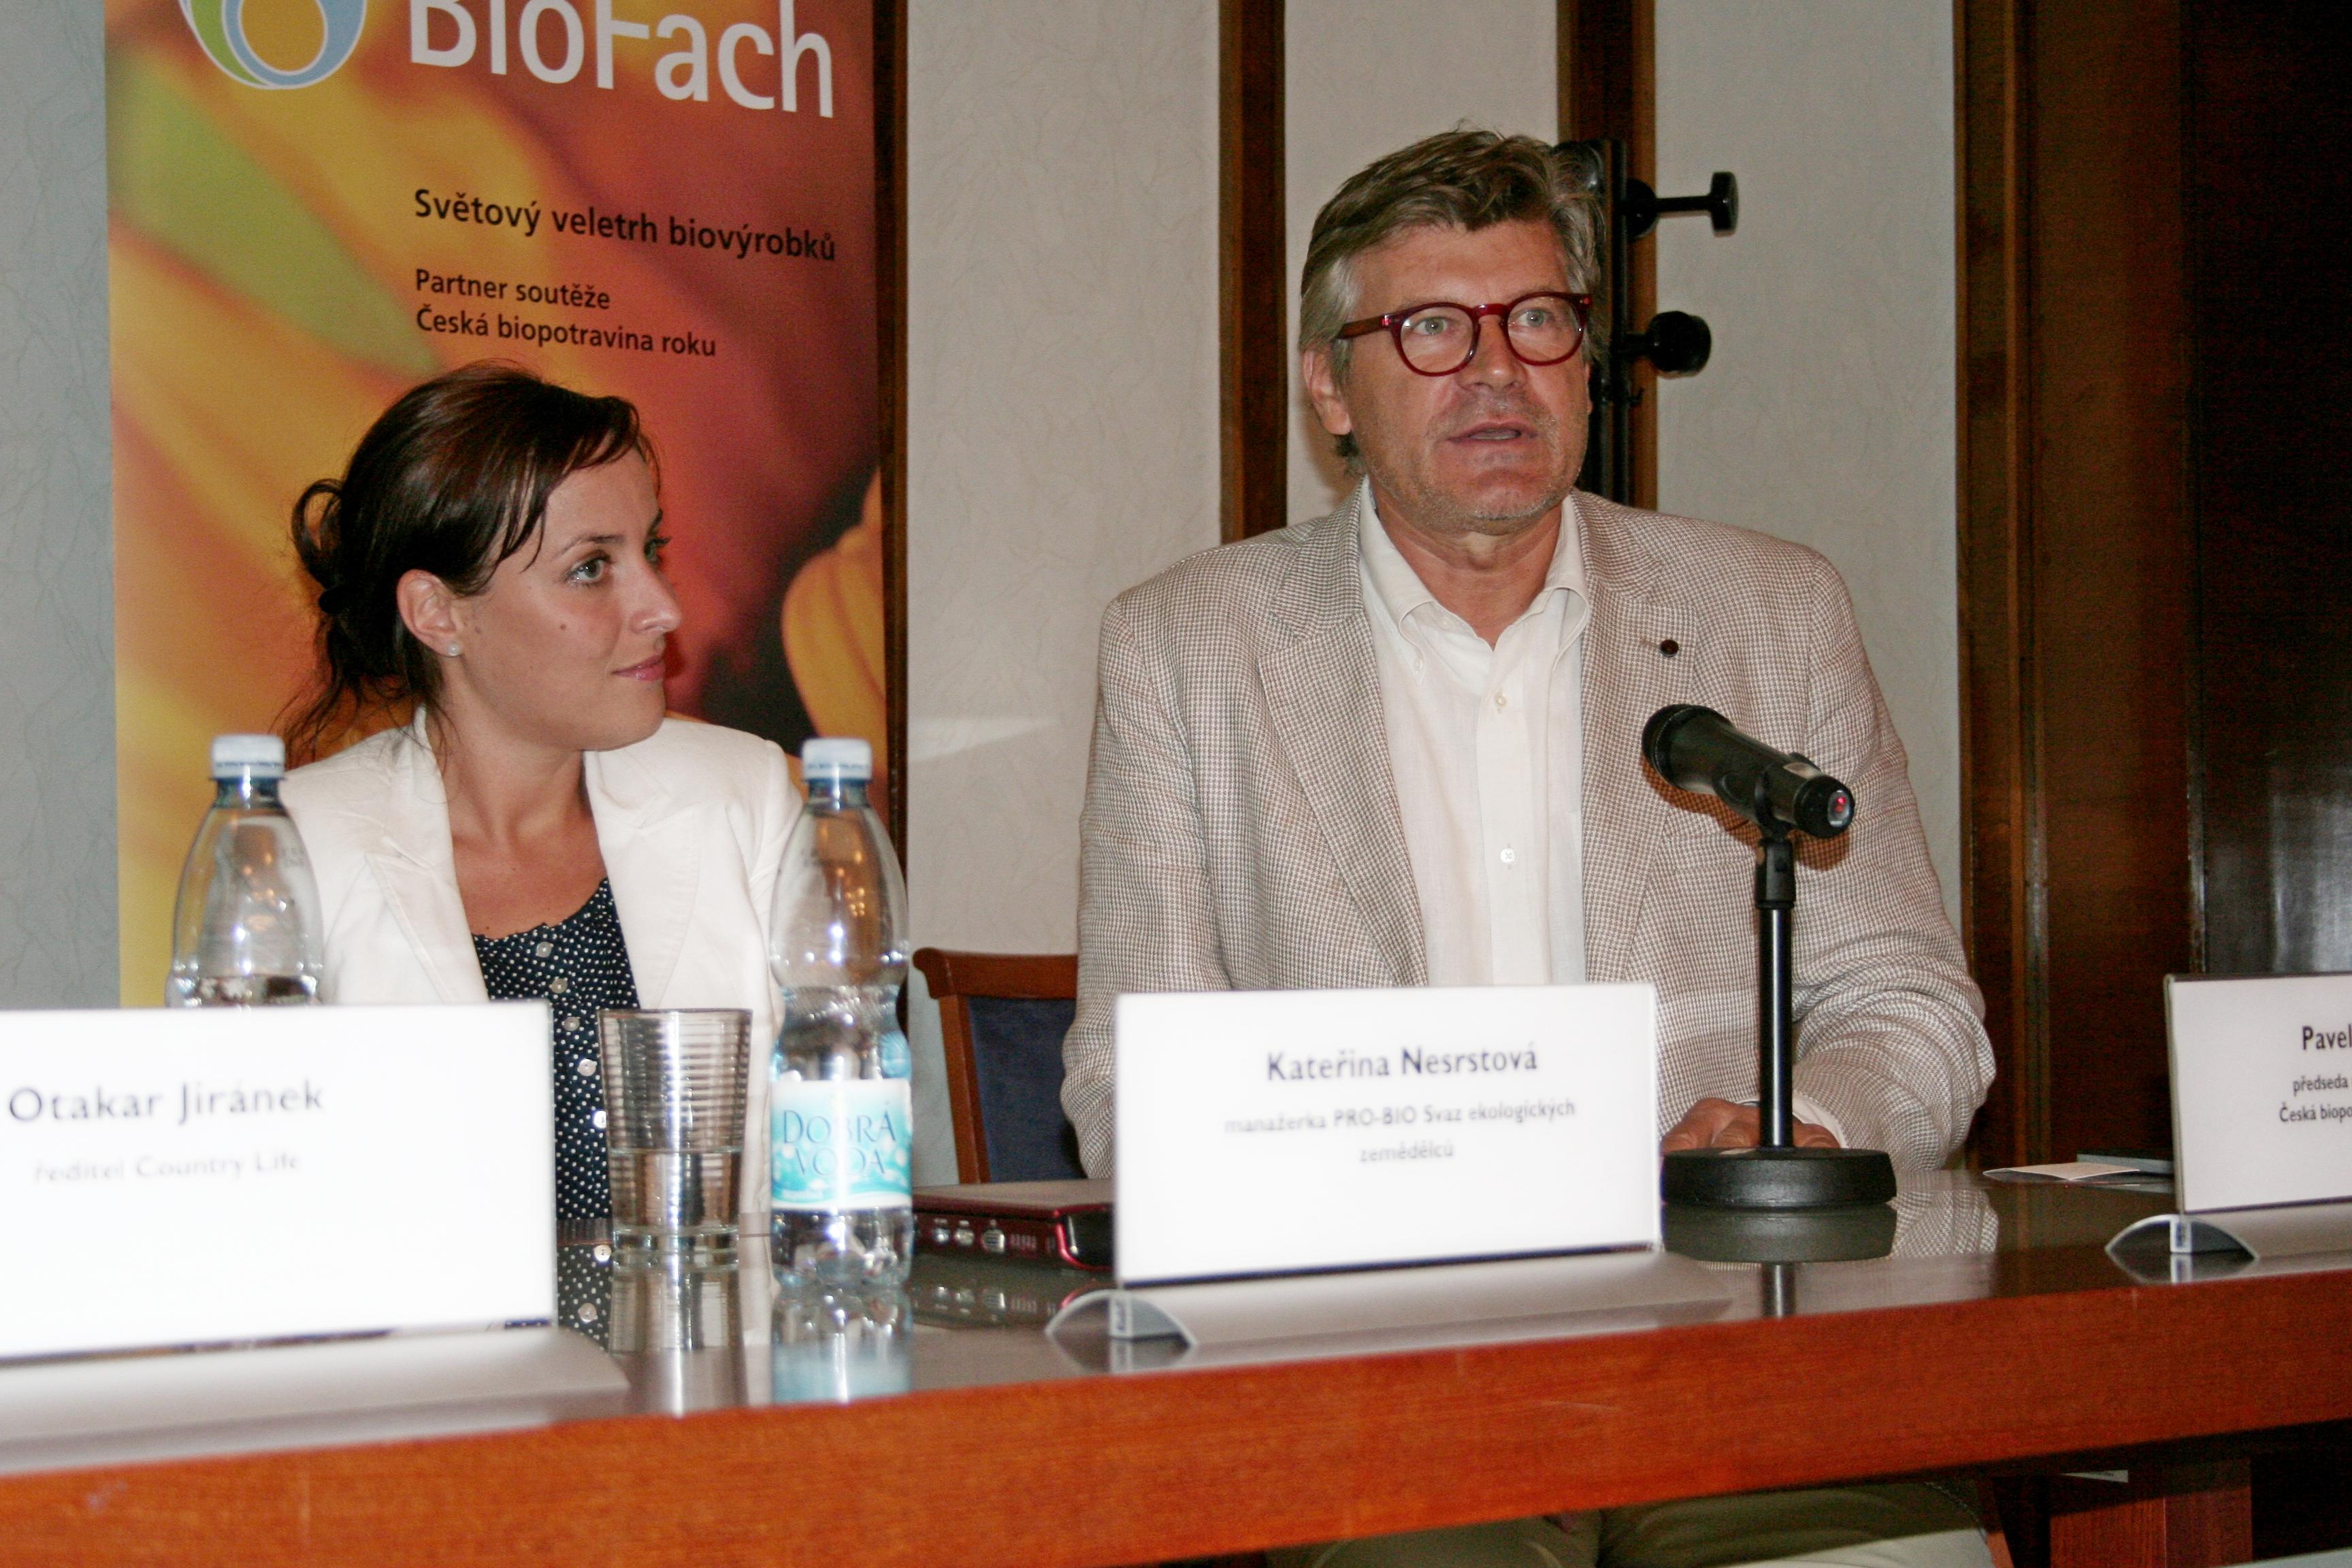 Kateřina Nesrstová (Svaz Pro-bio), Pavel Maurer (předseda poroty Česká biopotravina roku 2013)